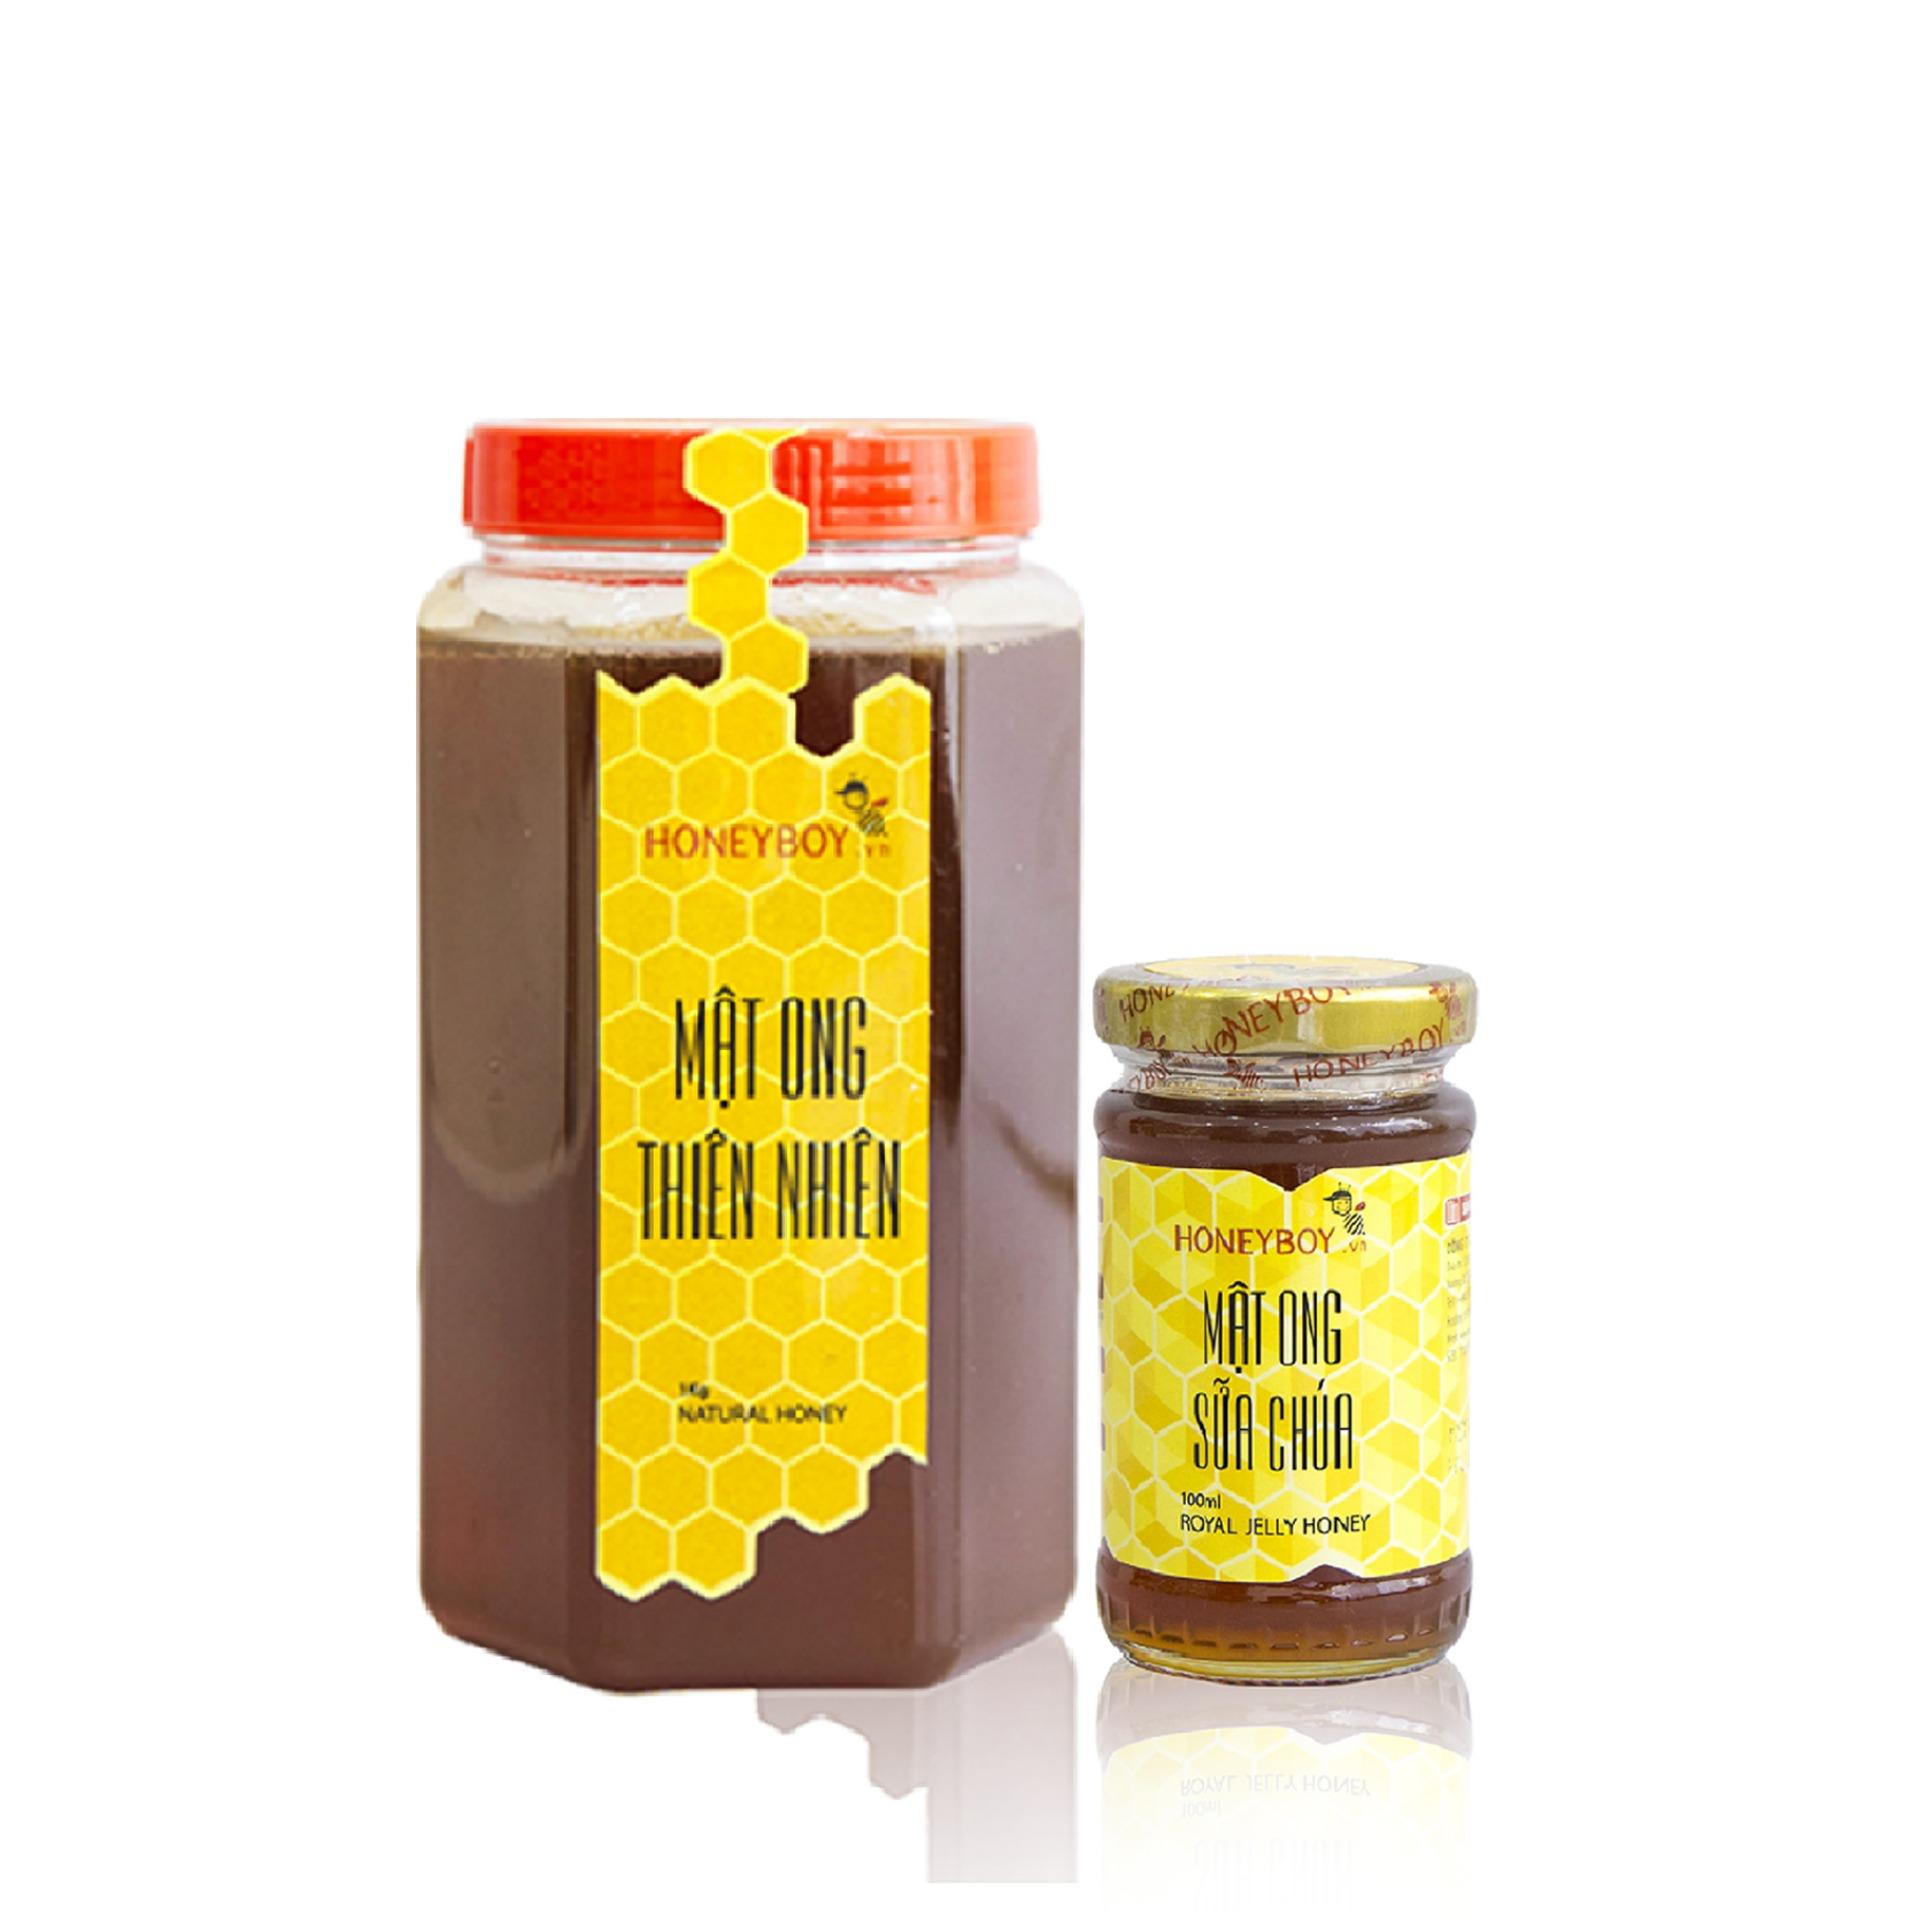 Giá Bán Bộ Mật Ong Thien Nhien 1Kg Va Mật Ong Sữa Chua 100Ml Nguyên Honeyboy